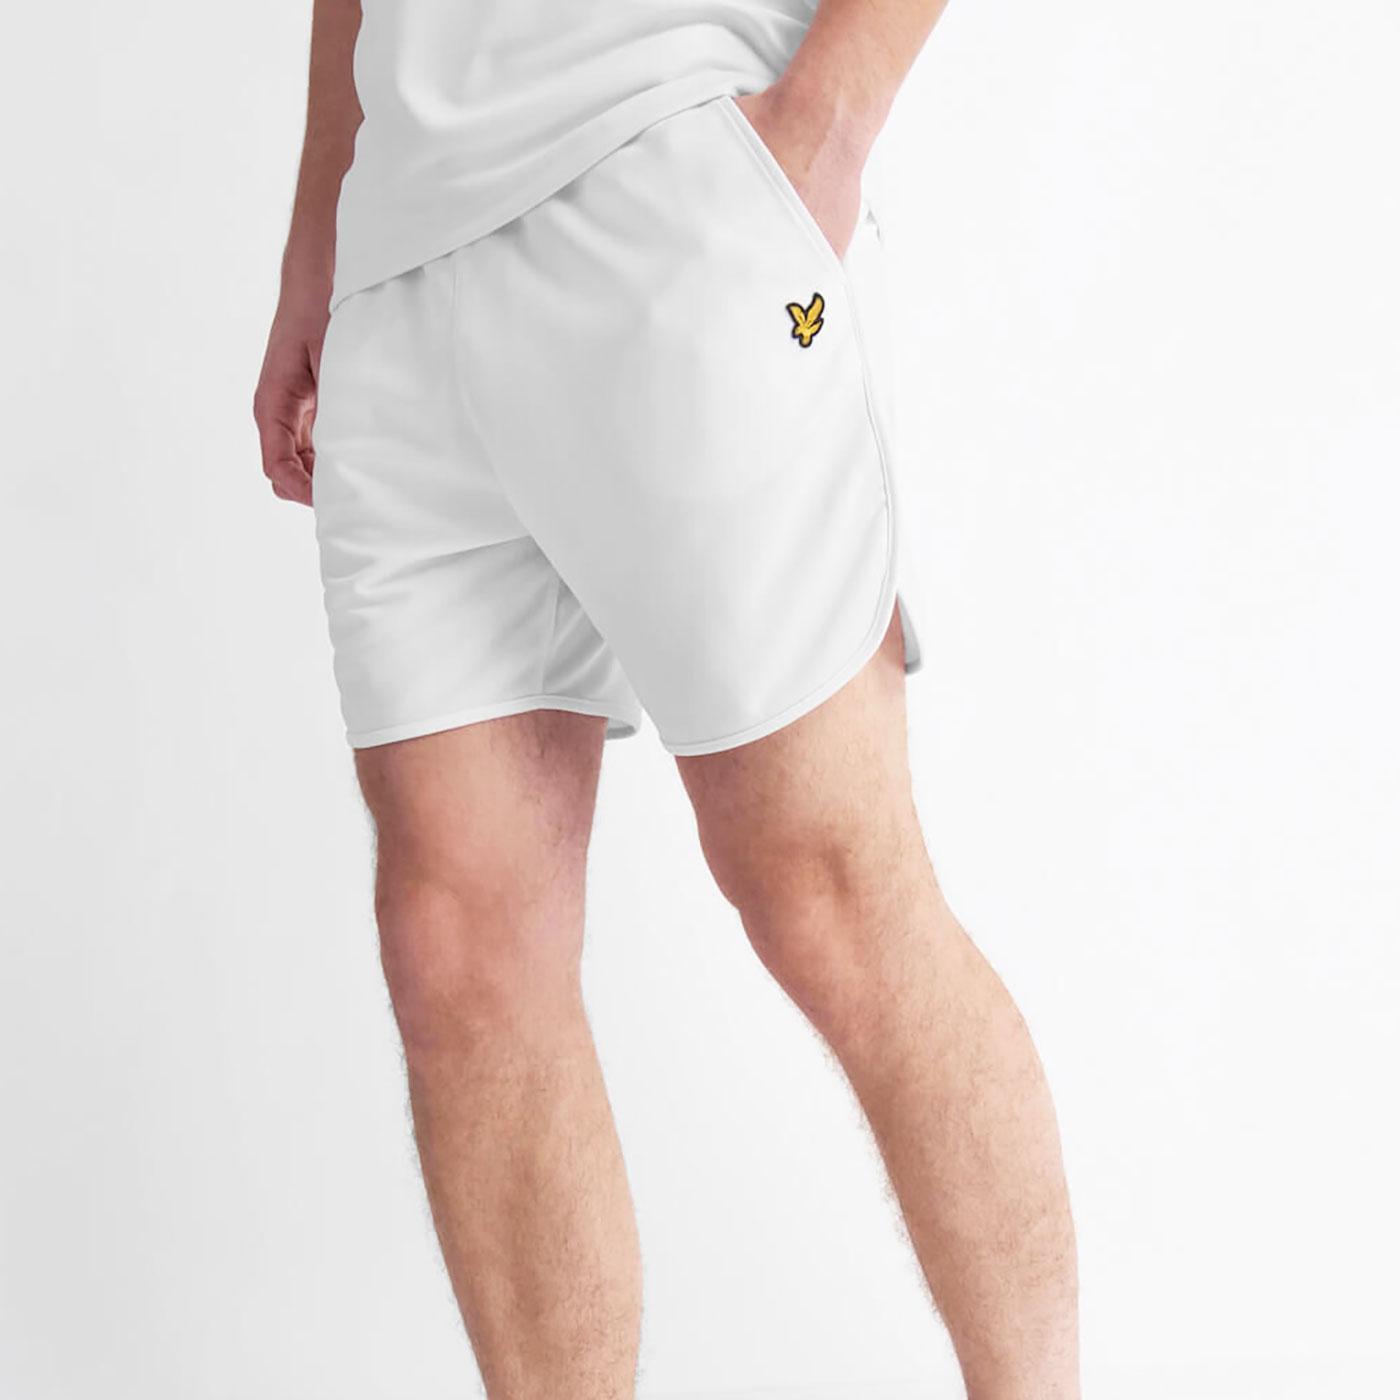 LYLE & SCOTT Men's Retro Football Shorts - White